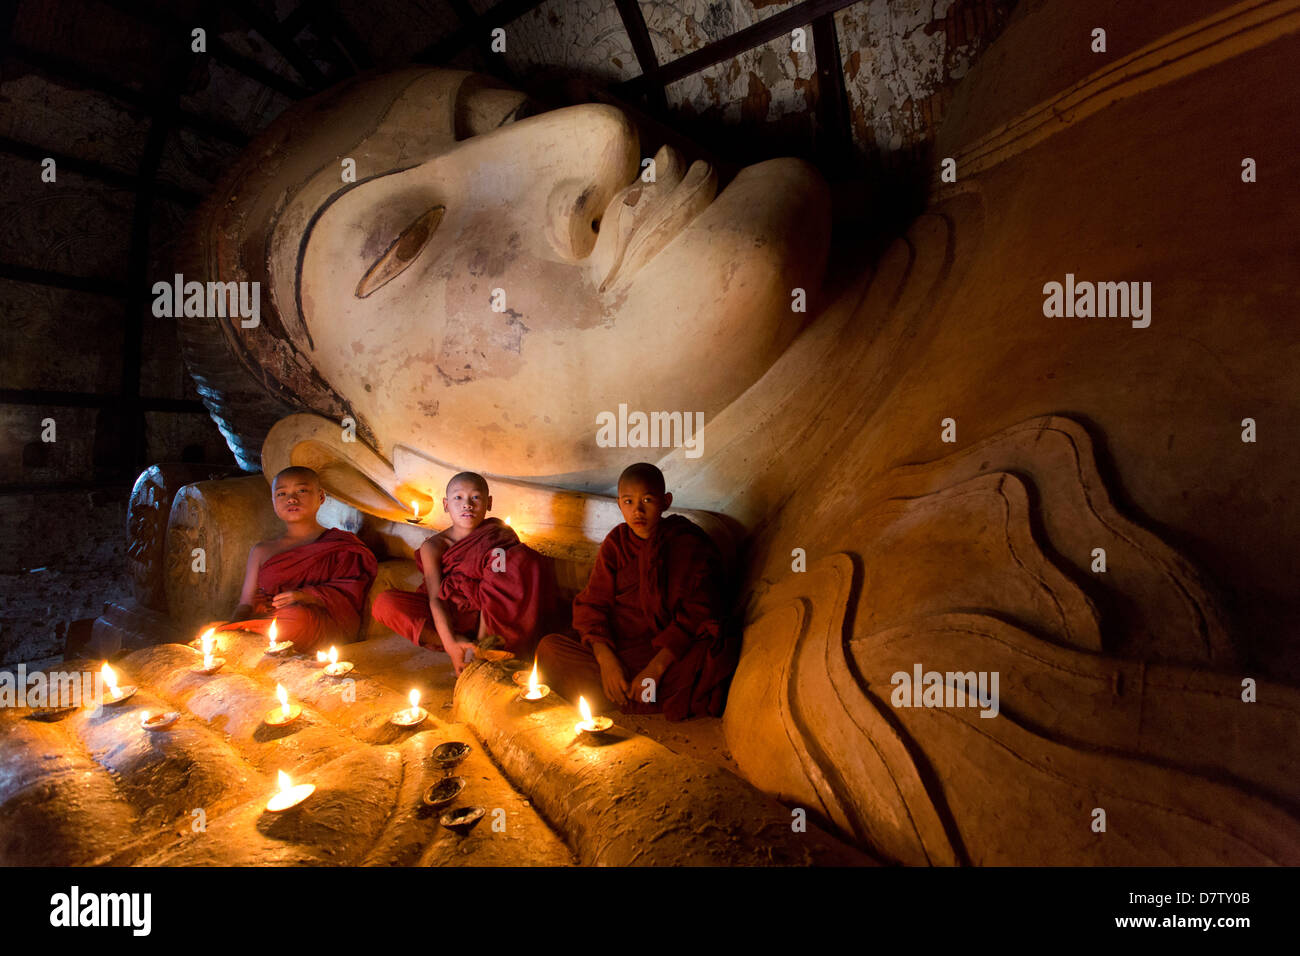 Tre novizi monaci buddisti seduta da un grande Buddha reclinato alla luce delle candele, vicino Shwesandaw Paya, Immagini Stock